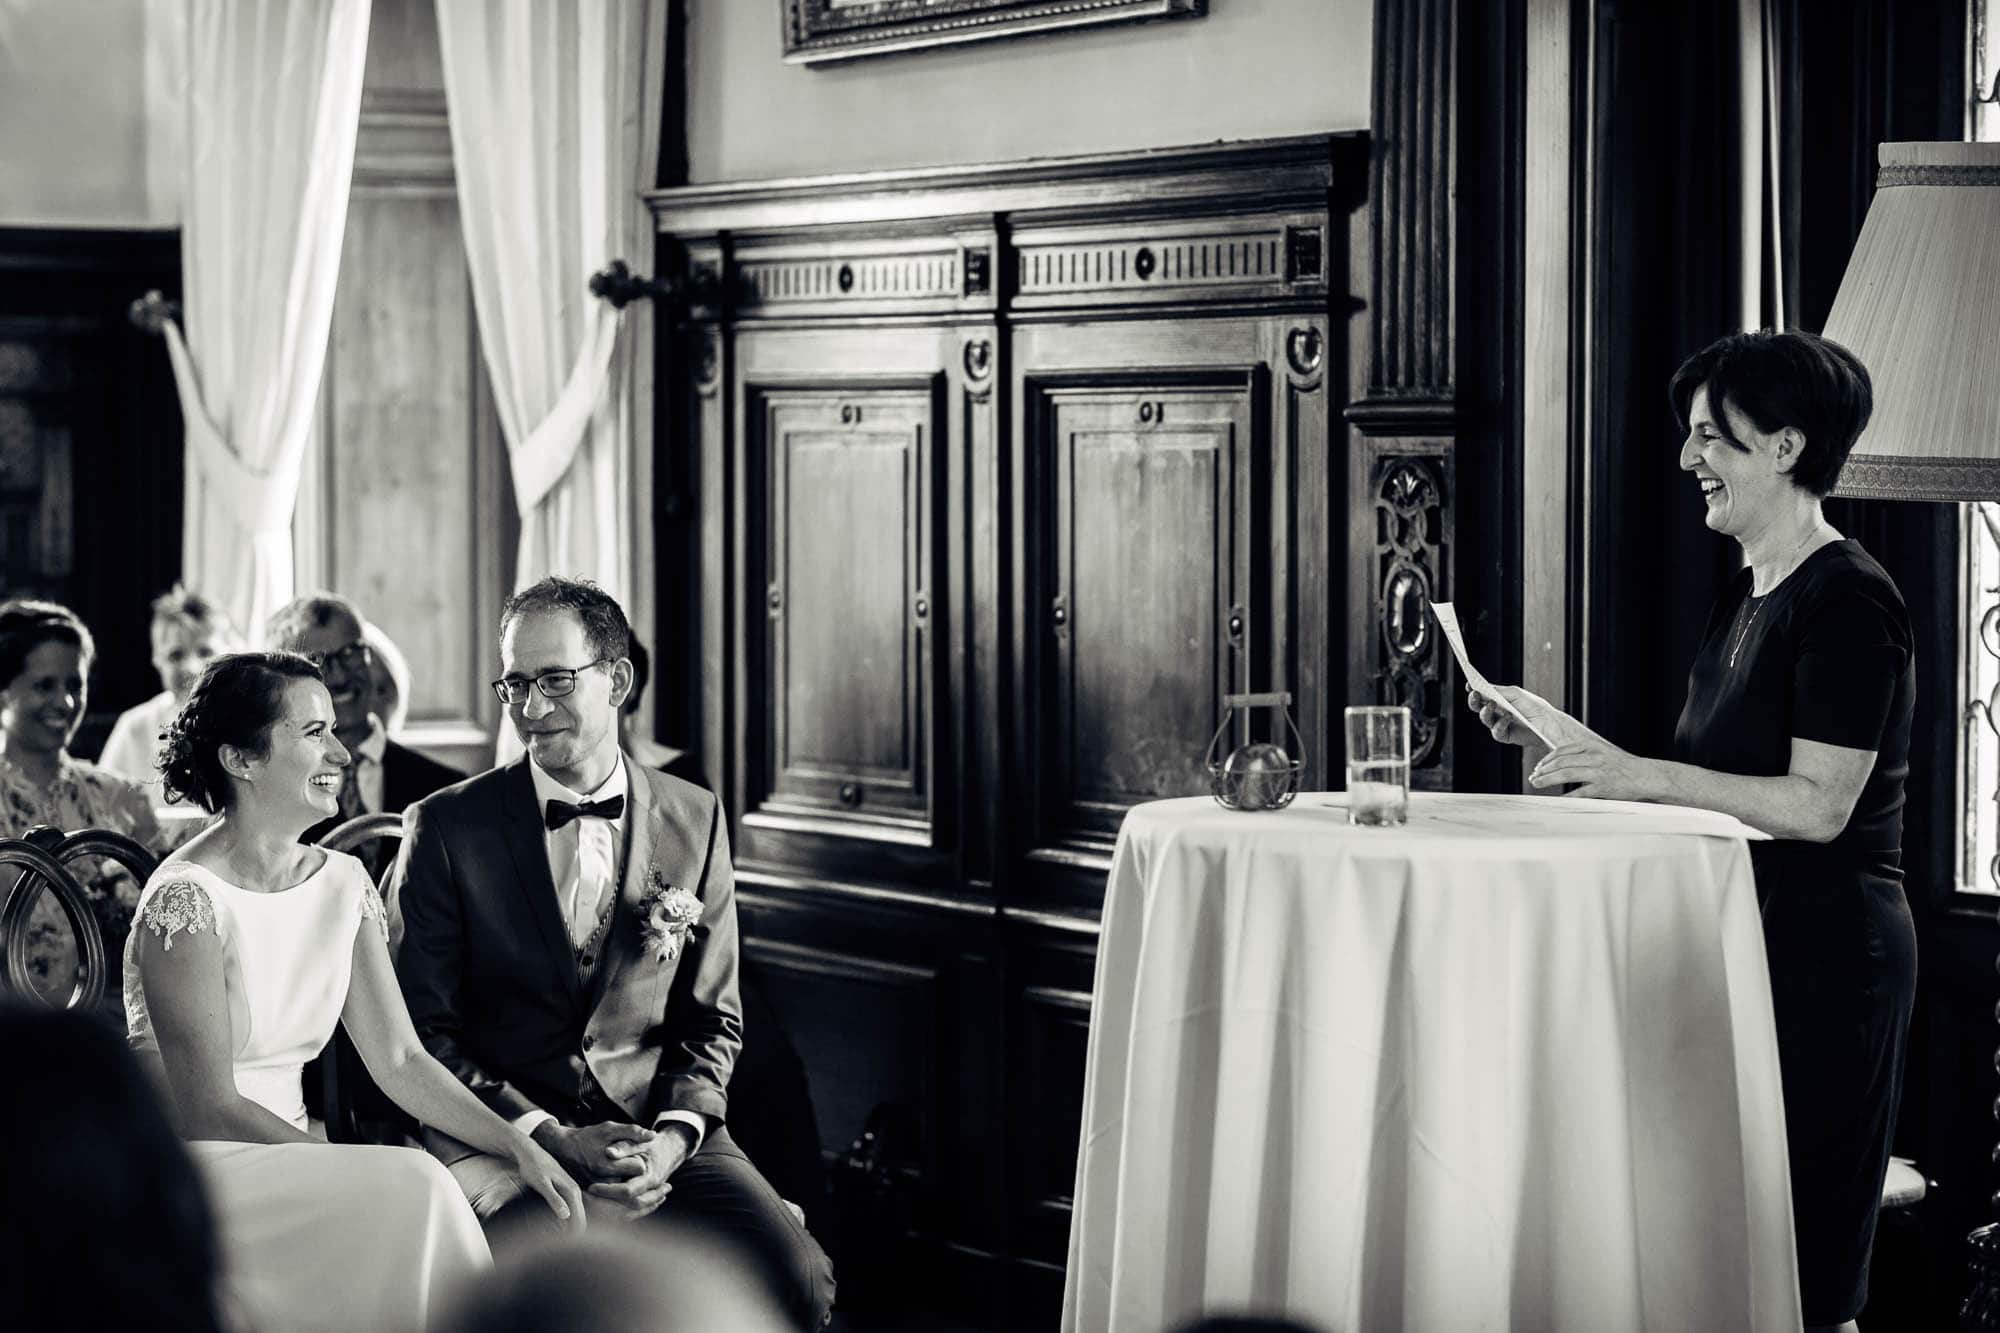 Brautpaar und Traurendnerin lachen während Zeremonie